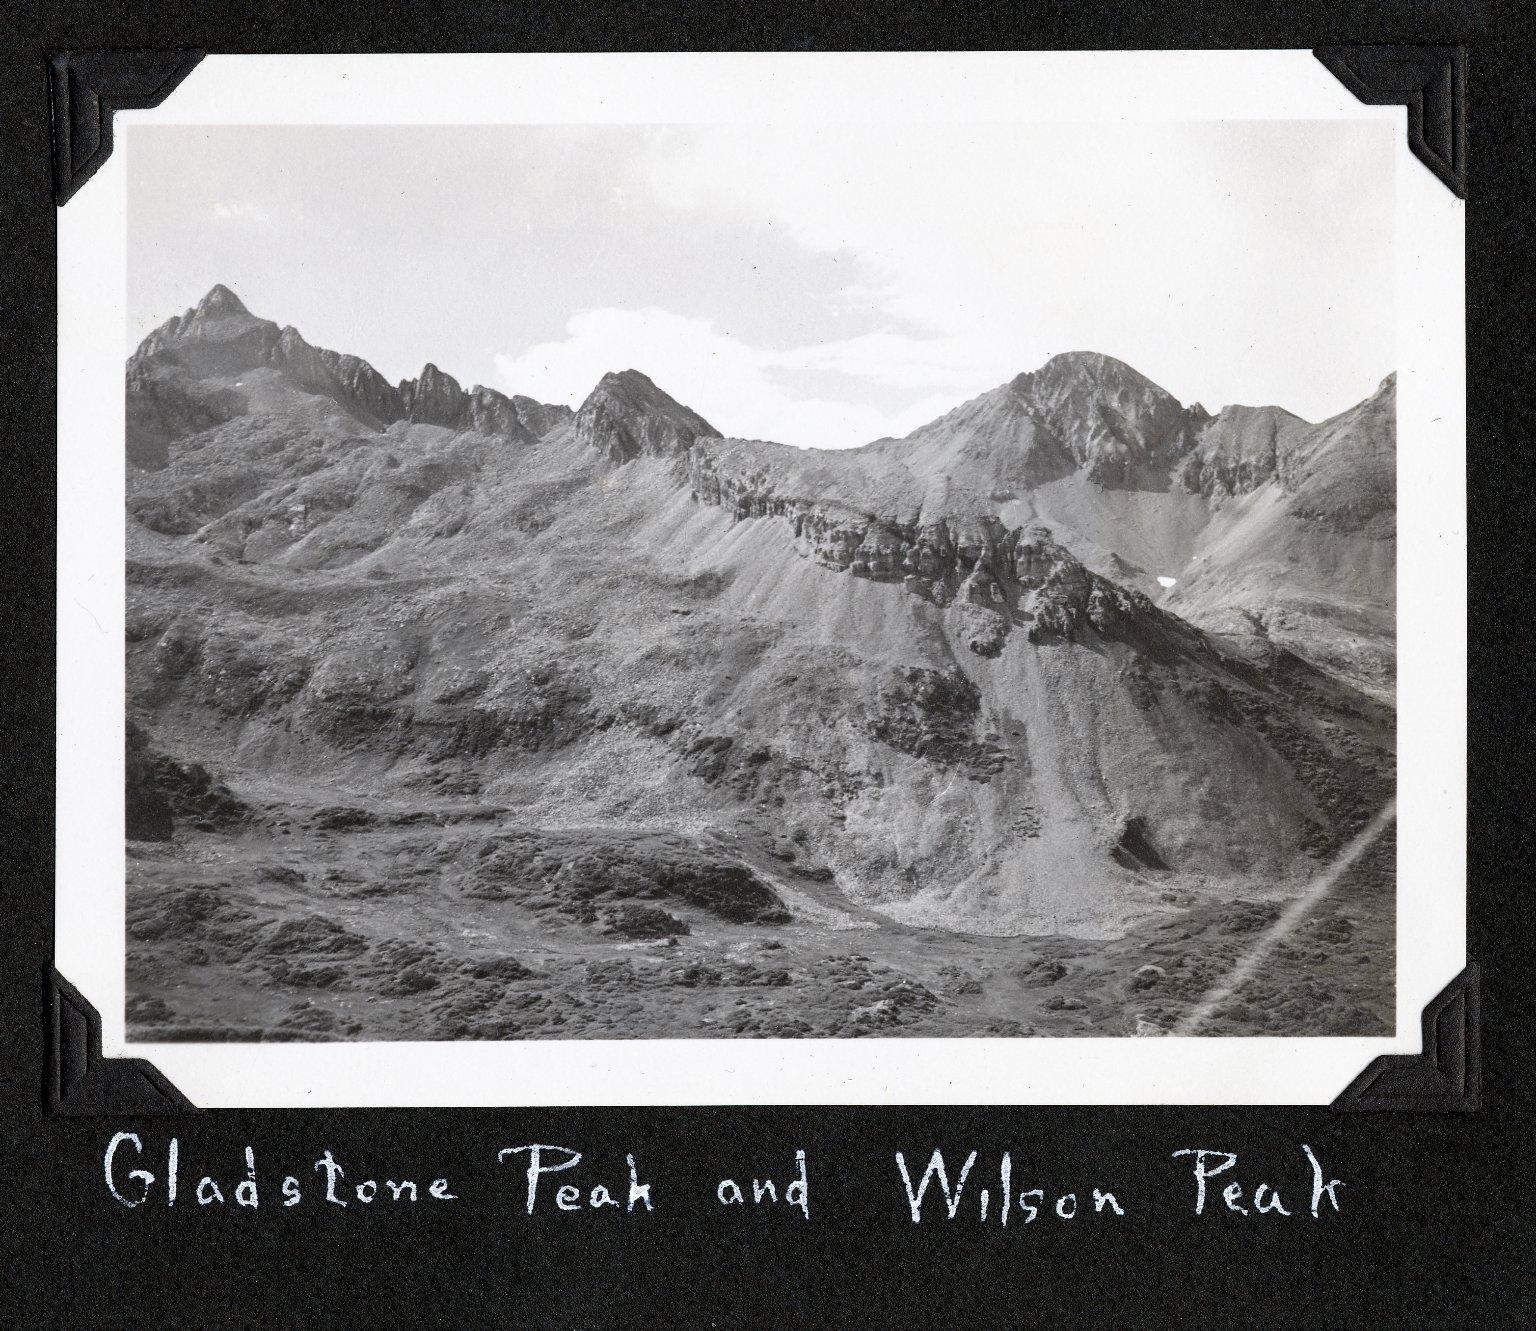 Gladstone Peak and Wilson Peak